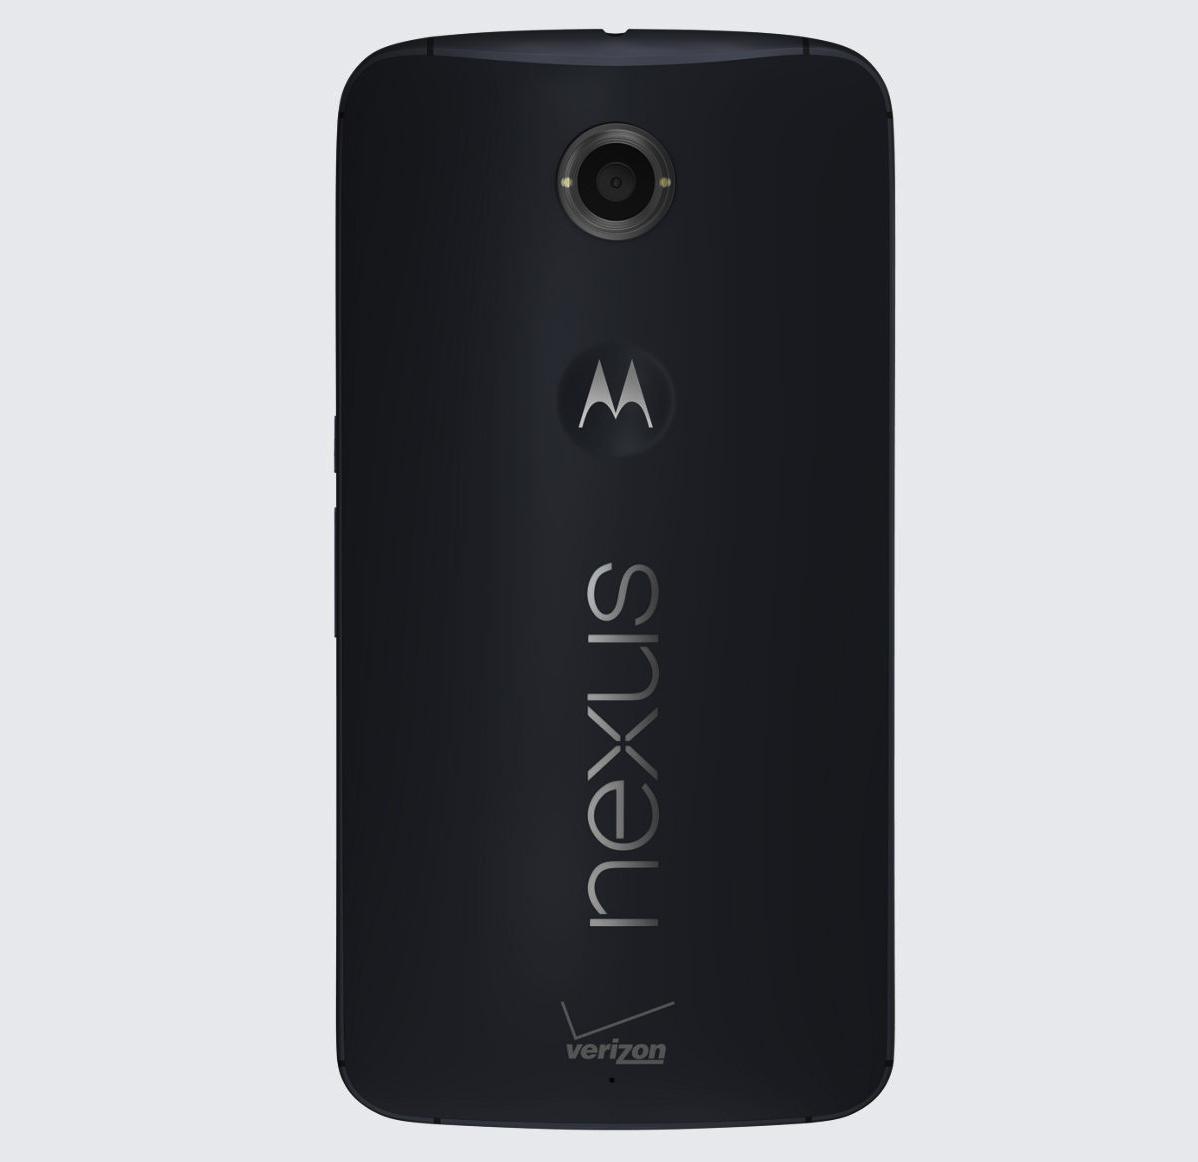 Nexus 6 release date in us